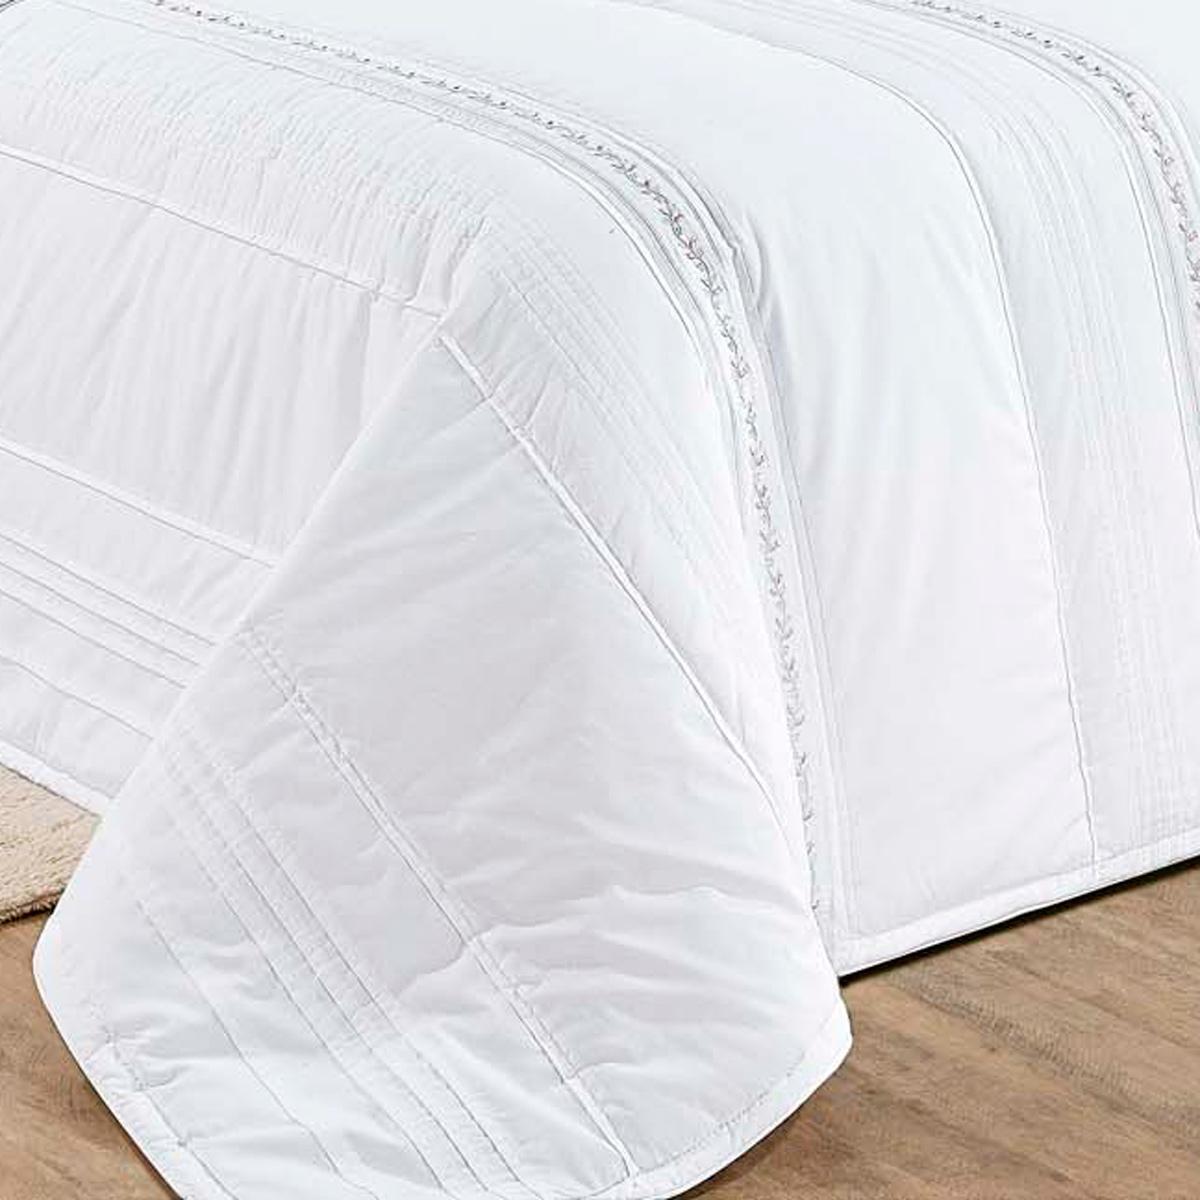 Colcha de Cama King Branco Percal 200 fios com 7 peças - Colcha Serenita